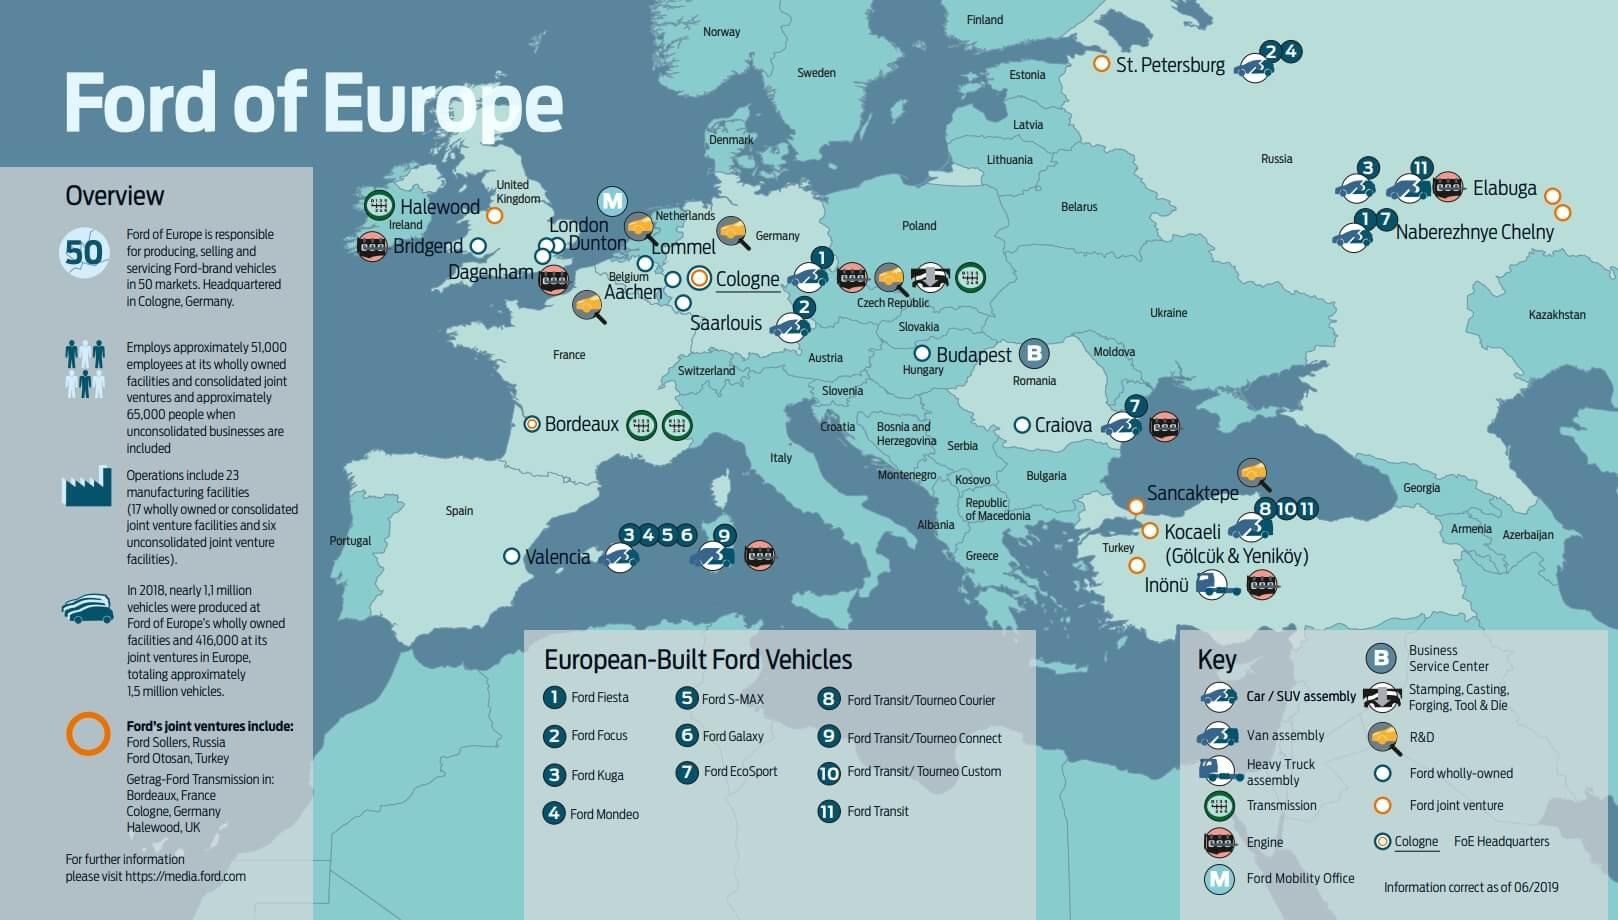 Заводы по выпуску автомобилей Ford в Европе